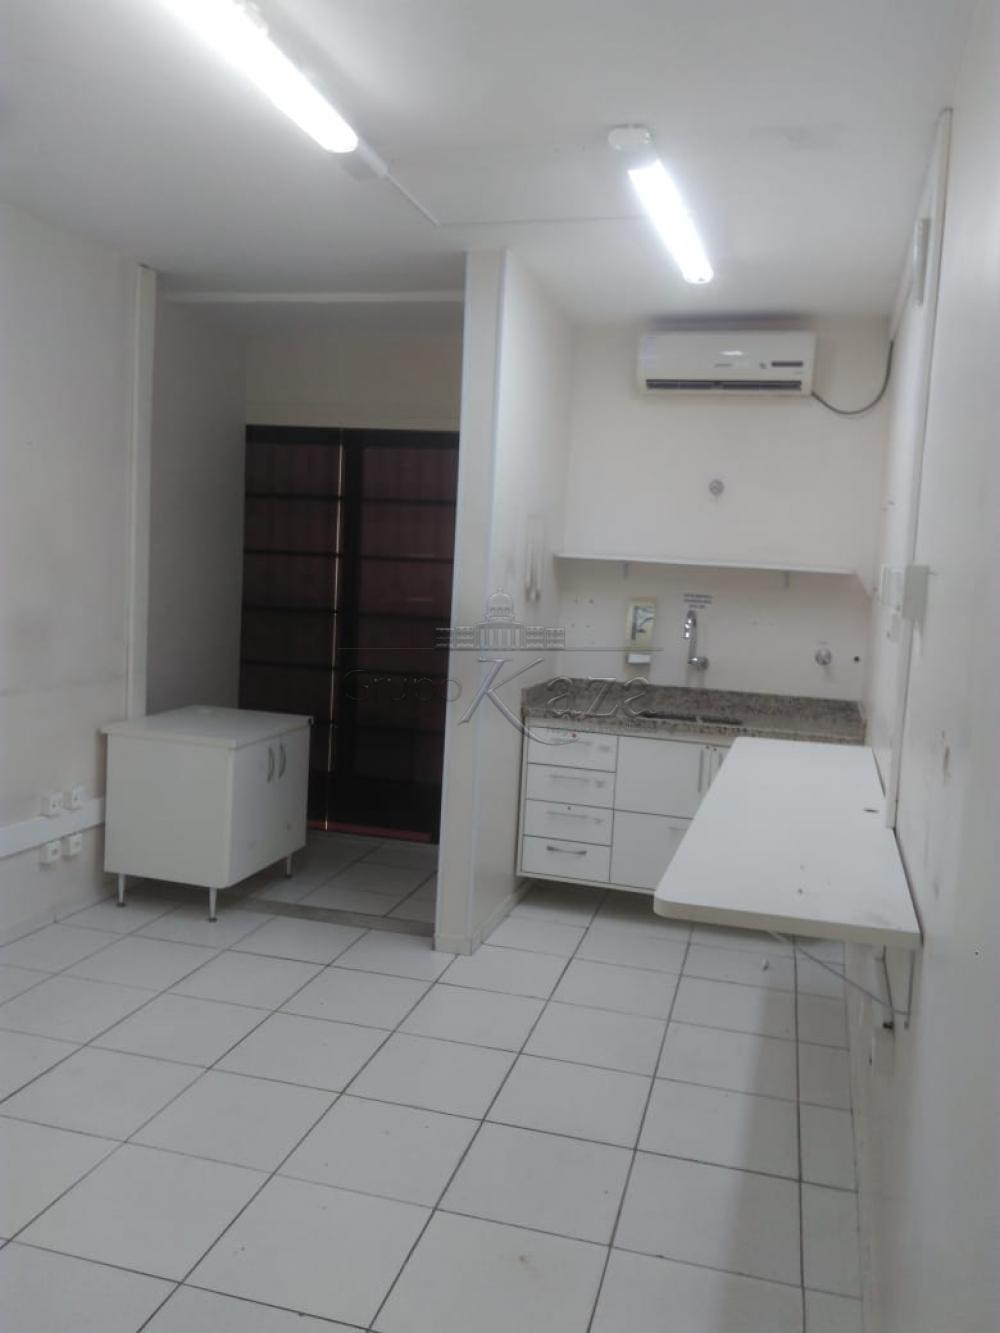 Alugar Comercial / Prédio em São José dos Campos apenas R$ 7.000,00 - Foto 3